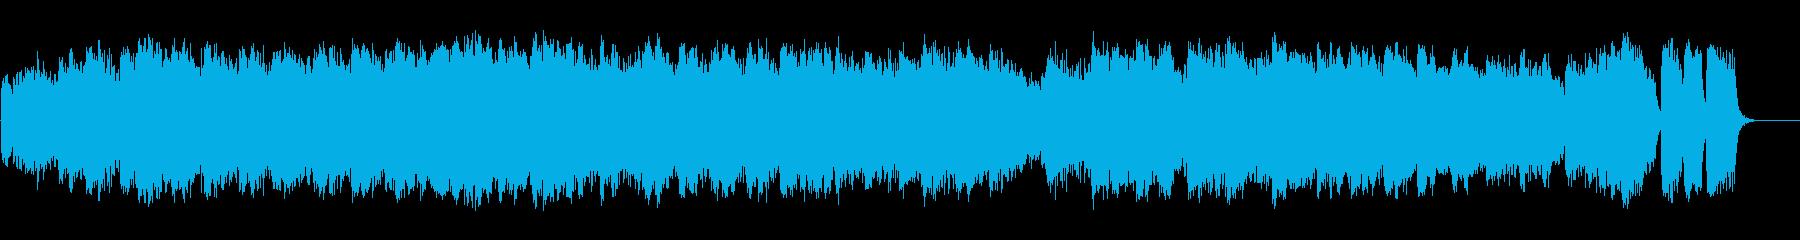 極寒の地のオーロラを意識した清涼BGMの再生済みの波形